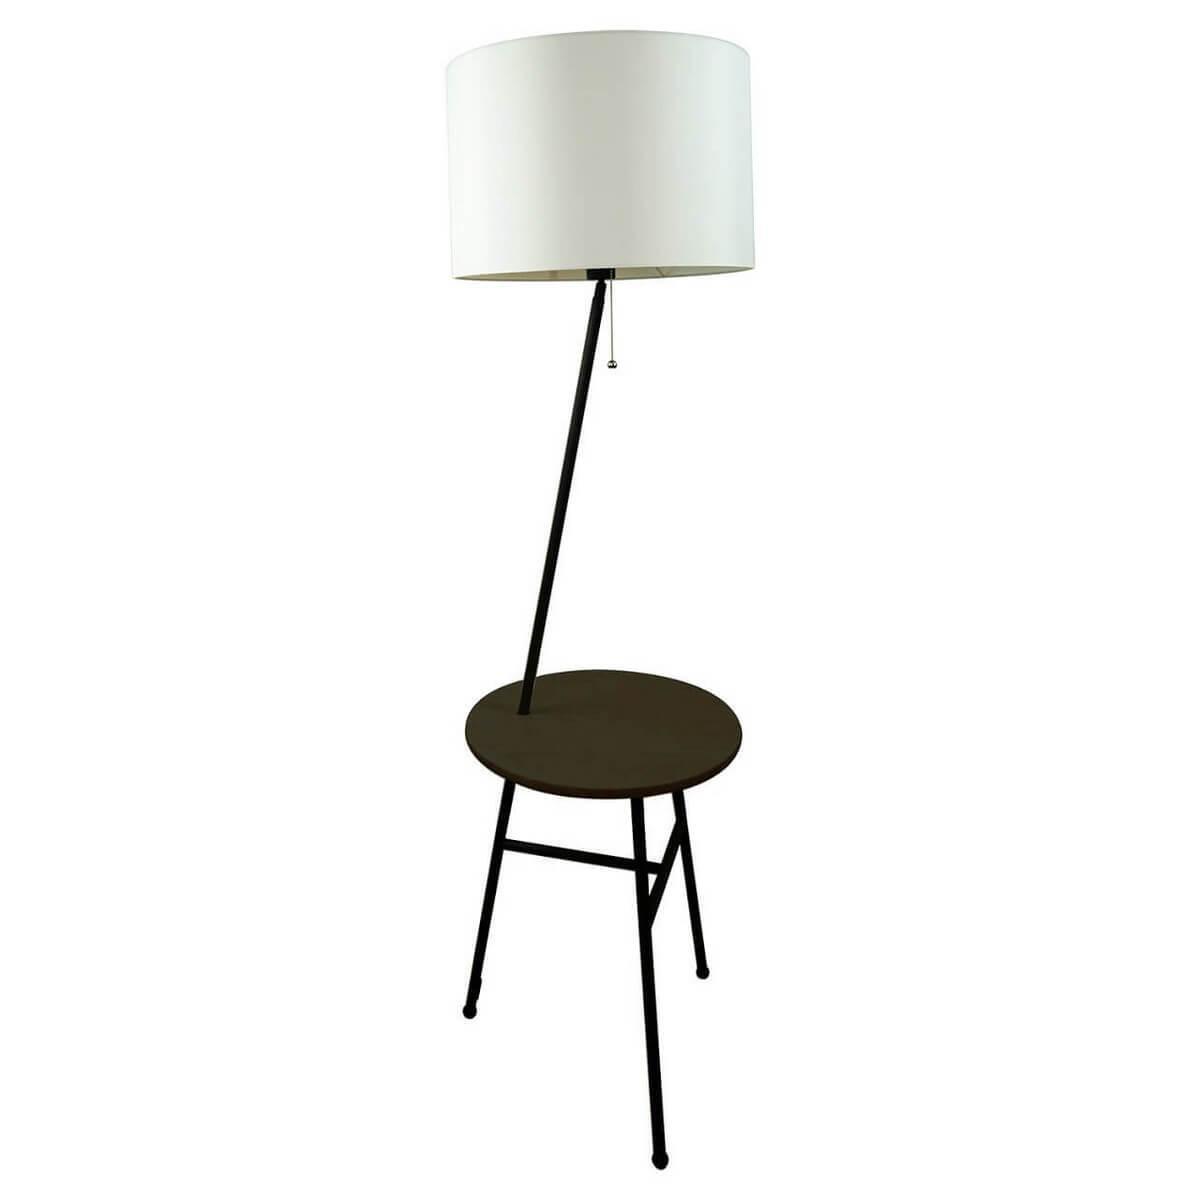 Напольный светильник Lussole GRLSP-9908, E27, 11 Вт